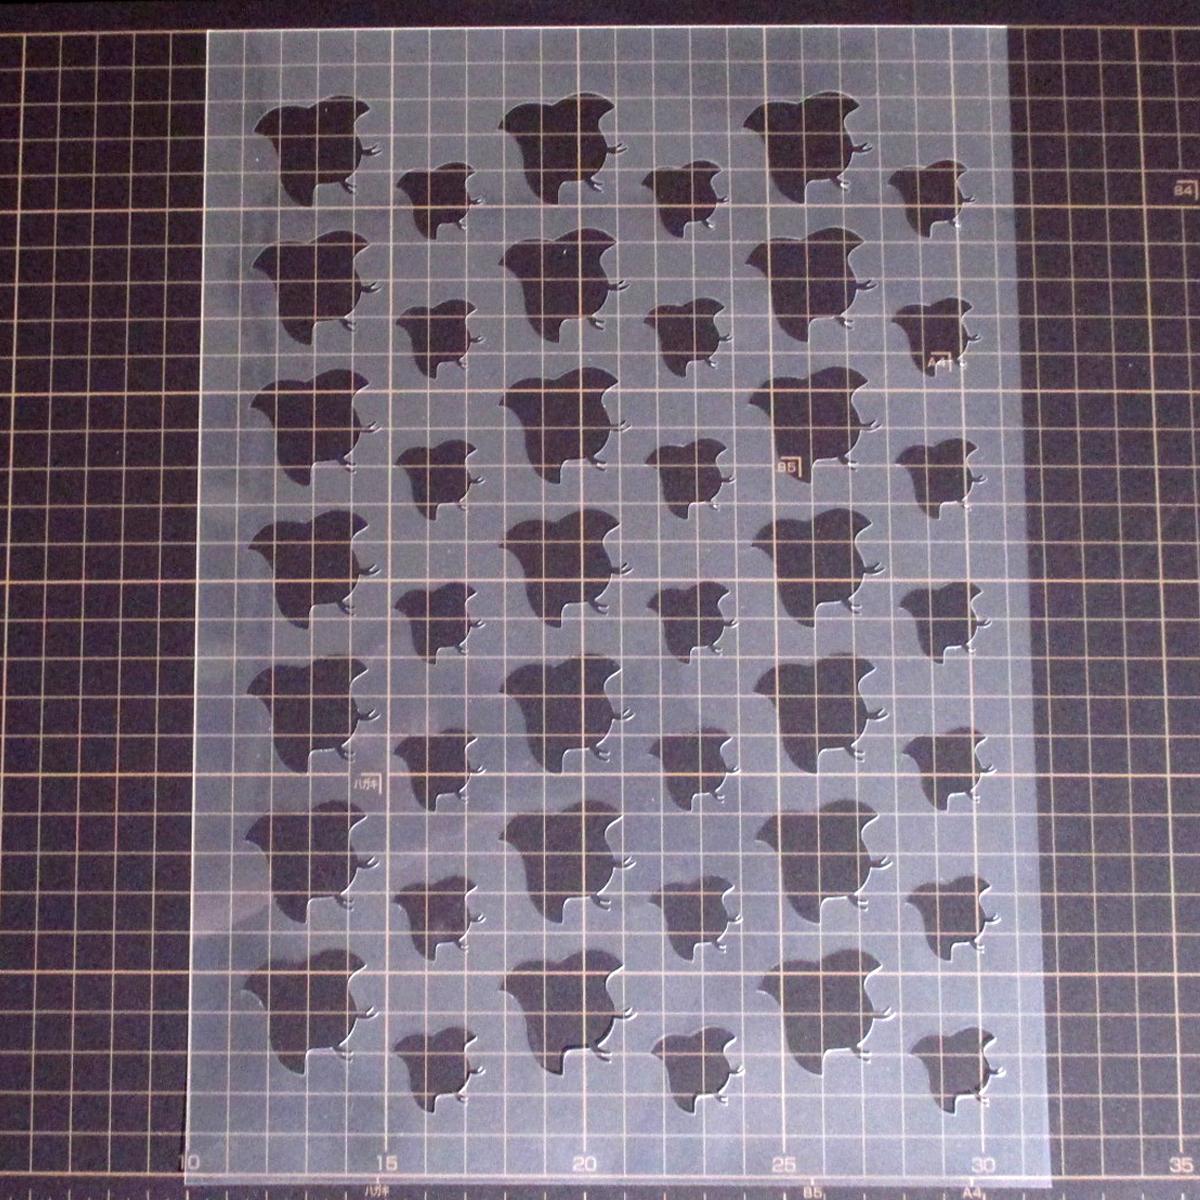 千鳥柄 和風地紋①番 ステンシルシート 型紙図案 NO231_画像4